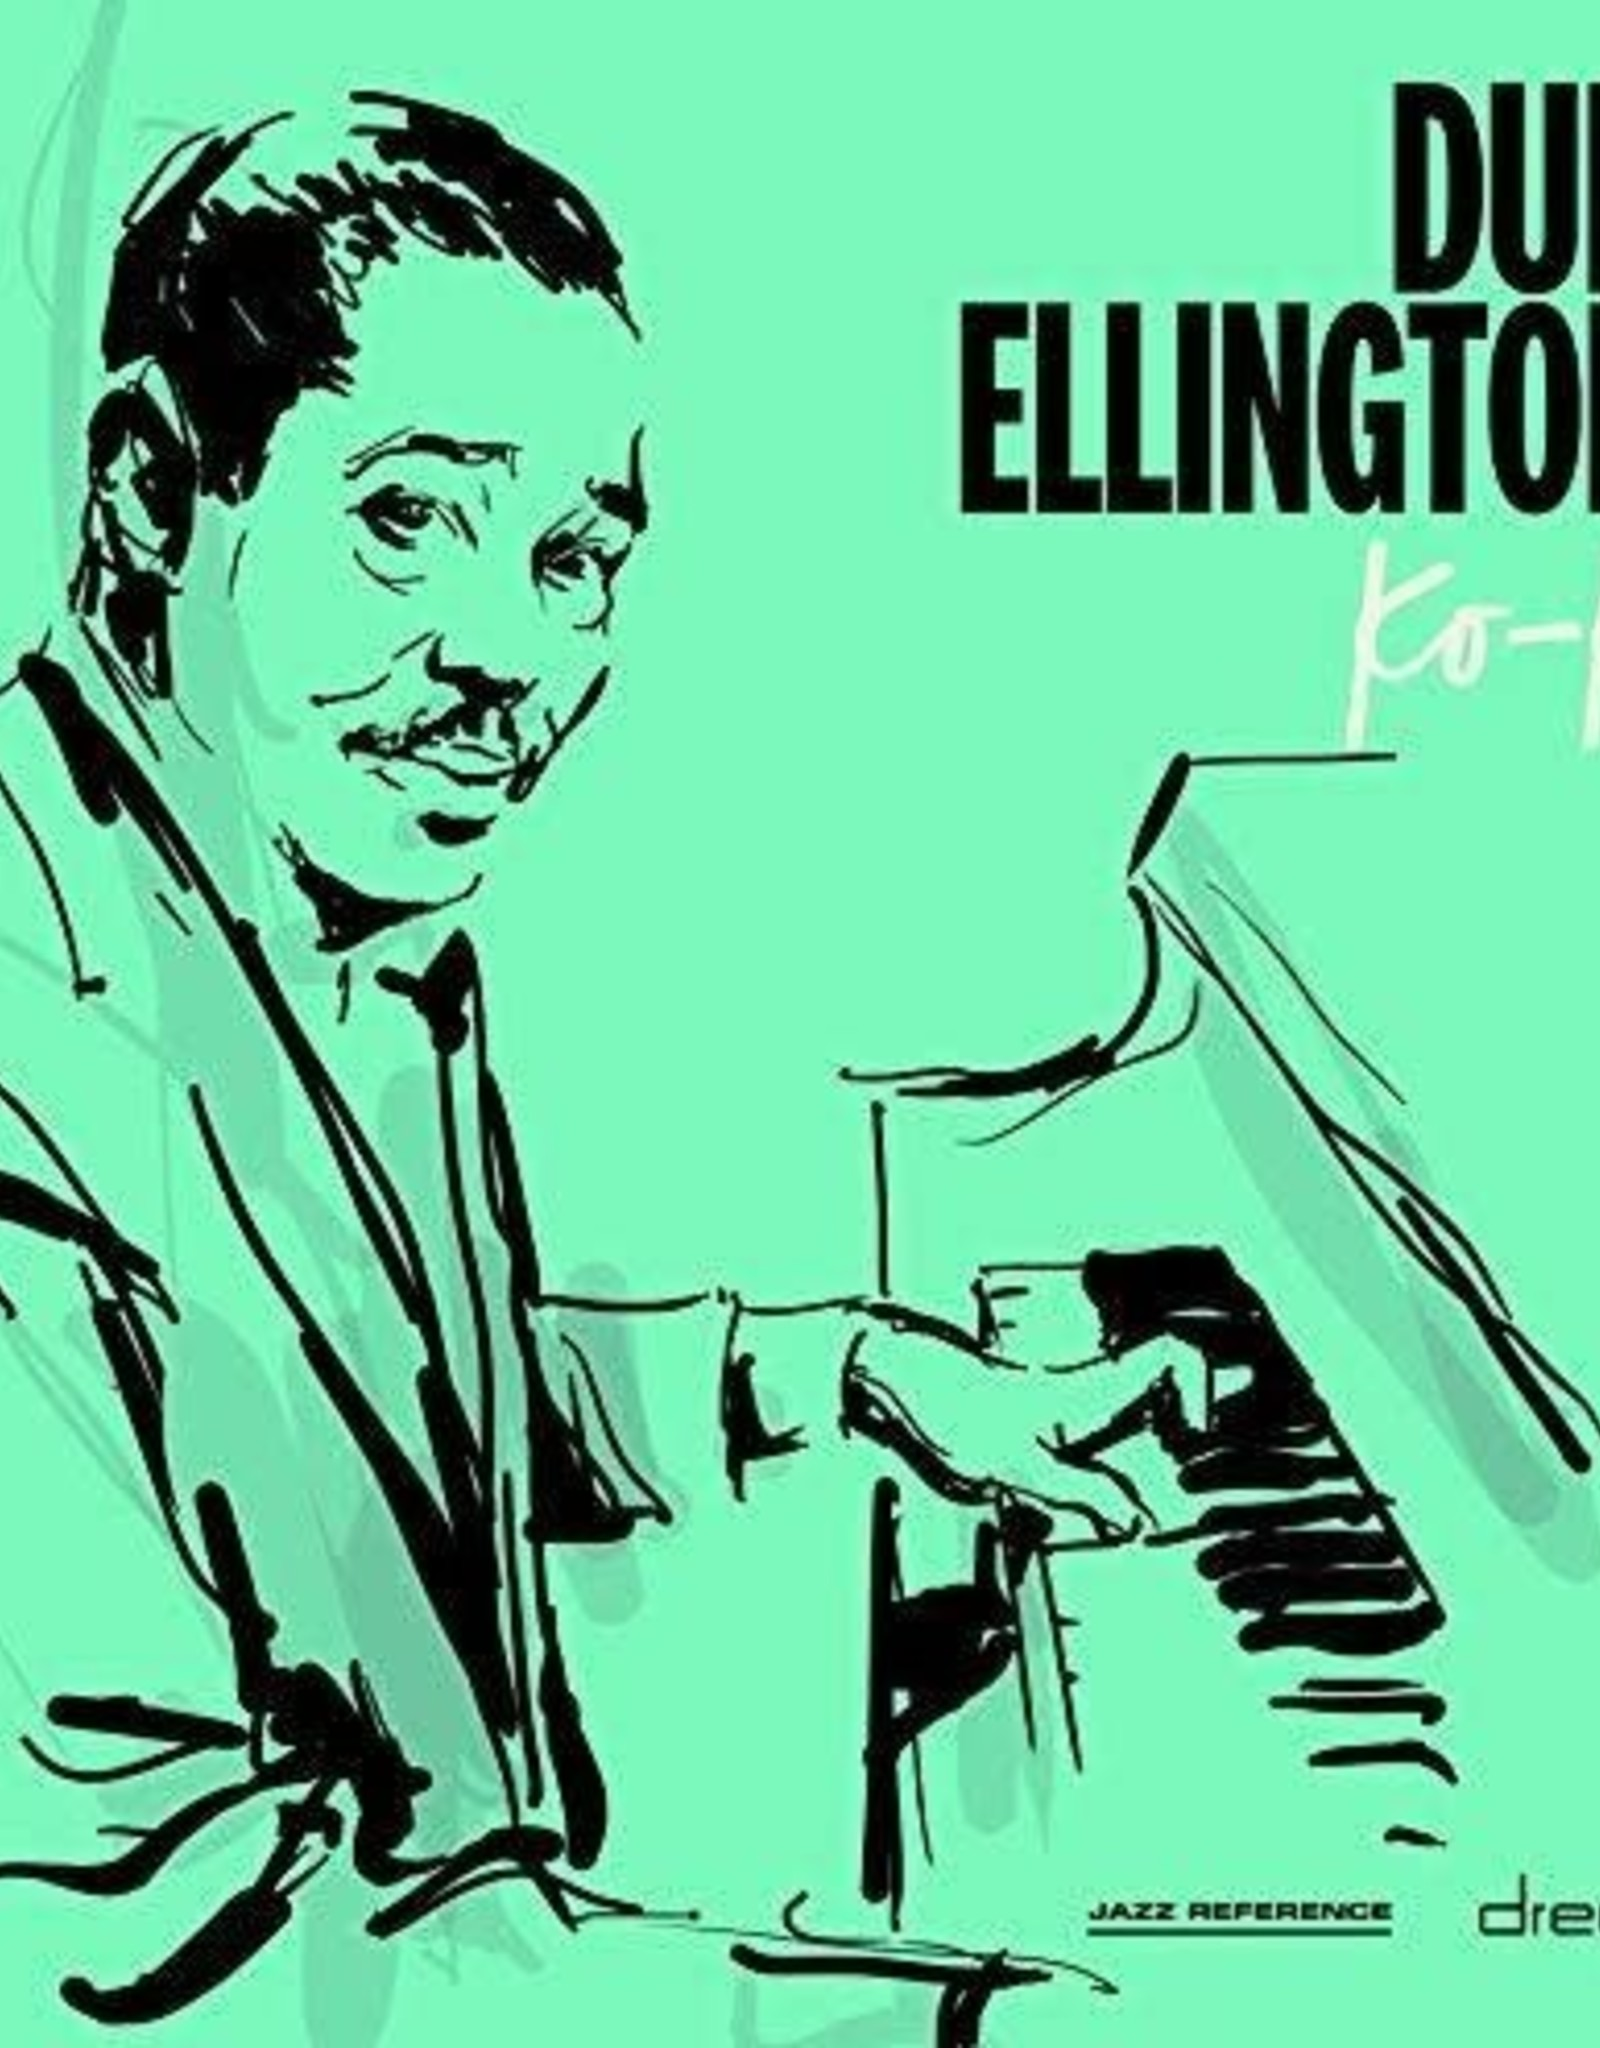 Duke Ellington - Ko-Ko